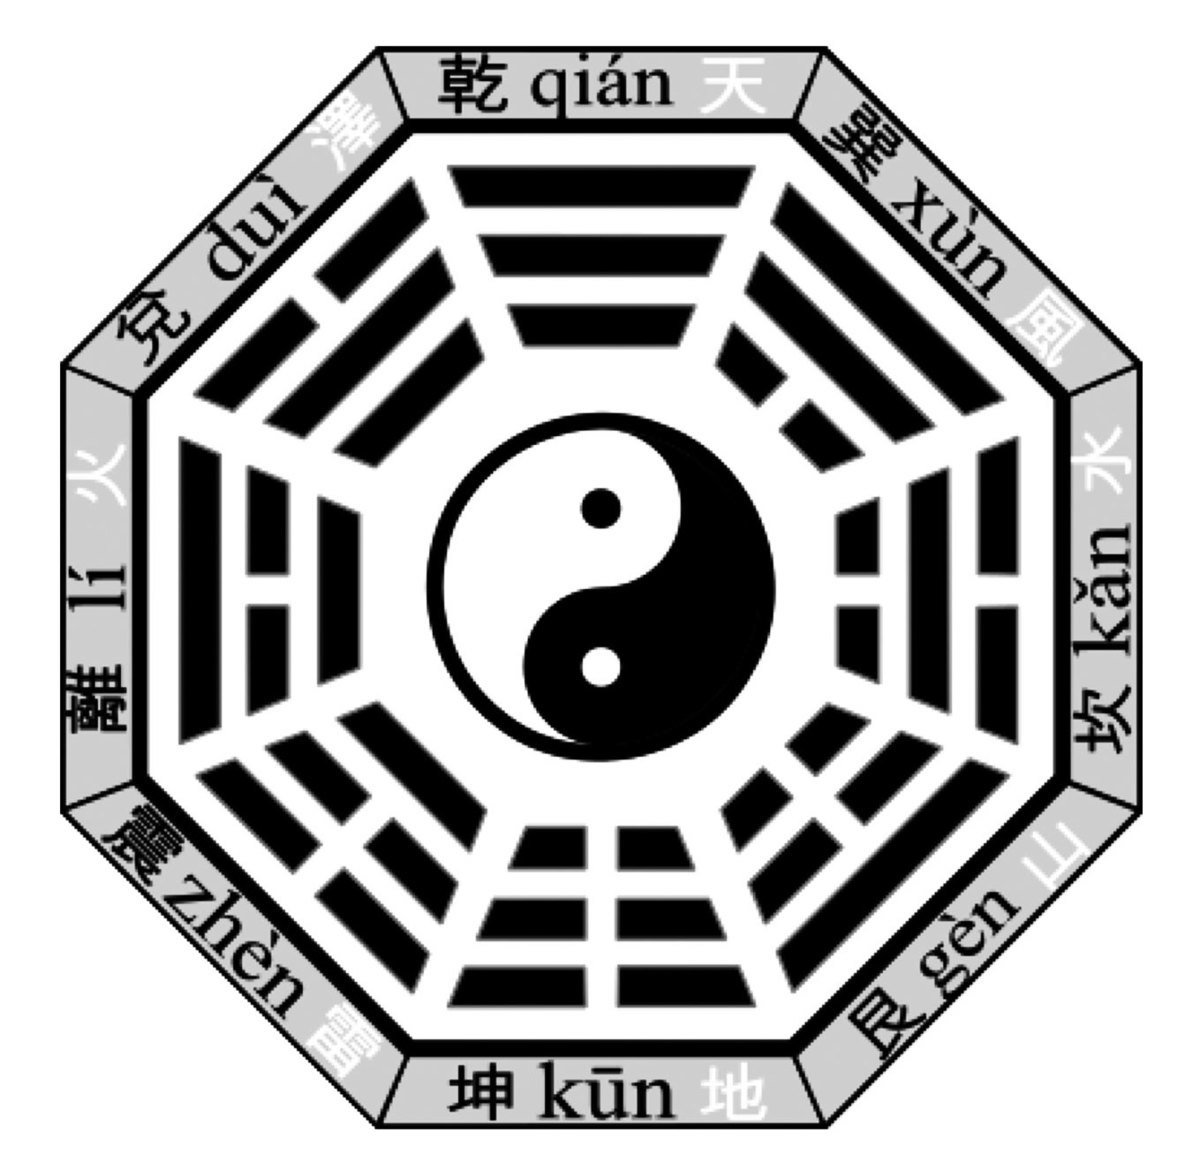 先天河圖與先天八卦包含了先天大道的太極之理。太極圖遍及中華文明,在其它文明中也發現有太極圖的蹤影。圖為先天八卦(伏羲八卦)。(維基百科)